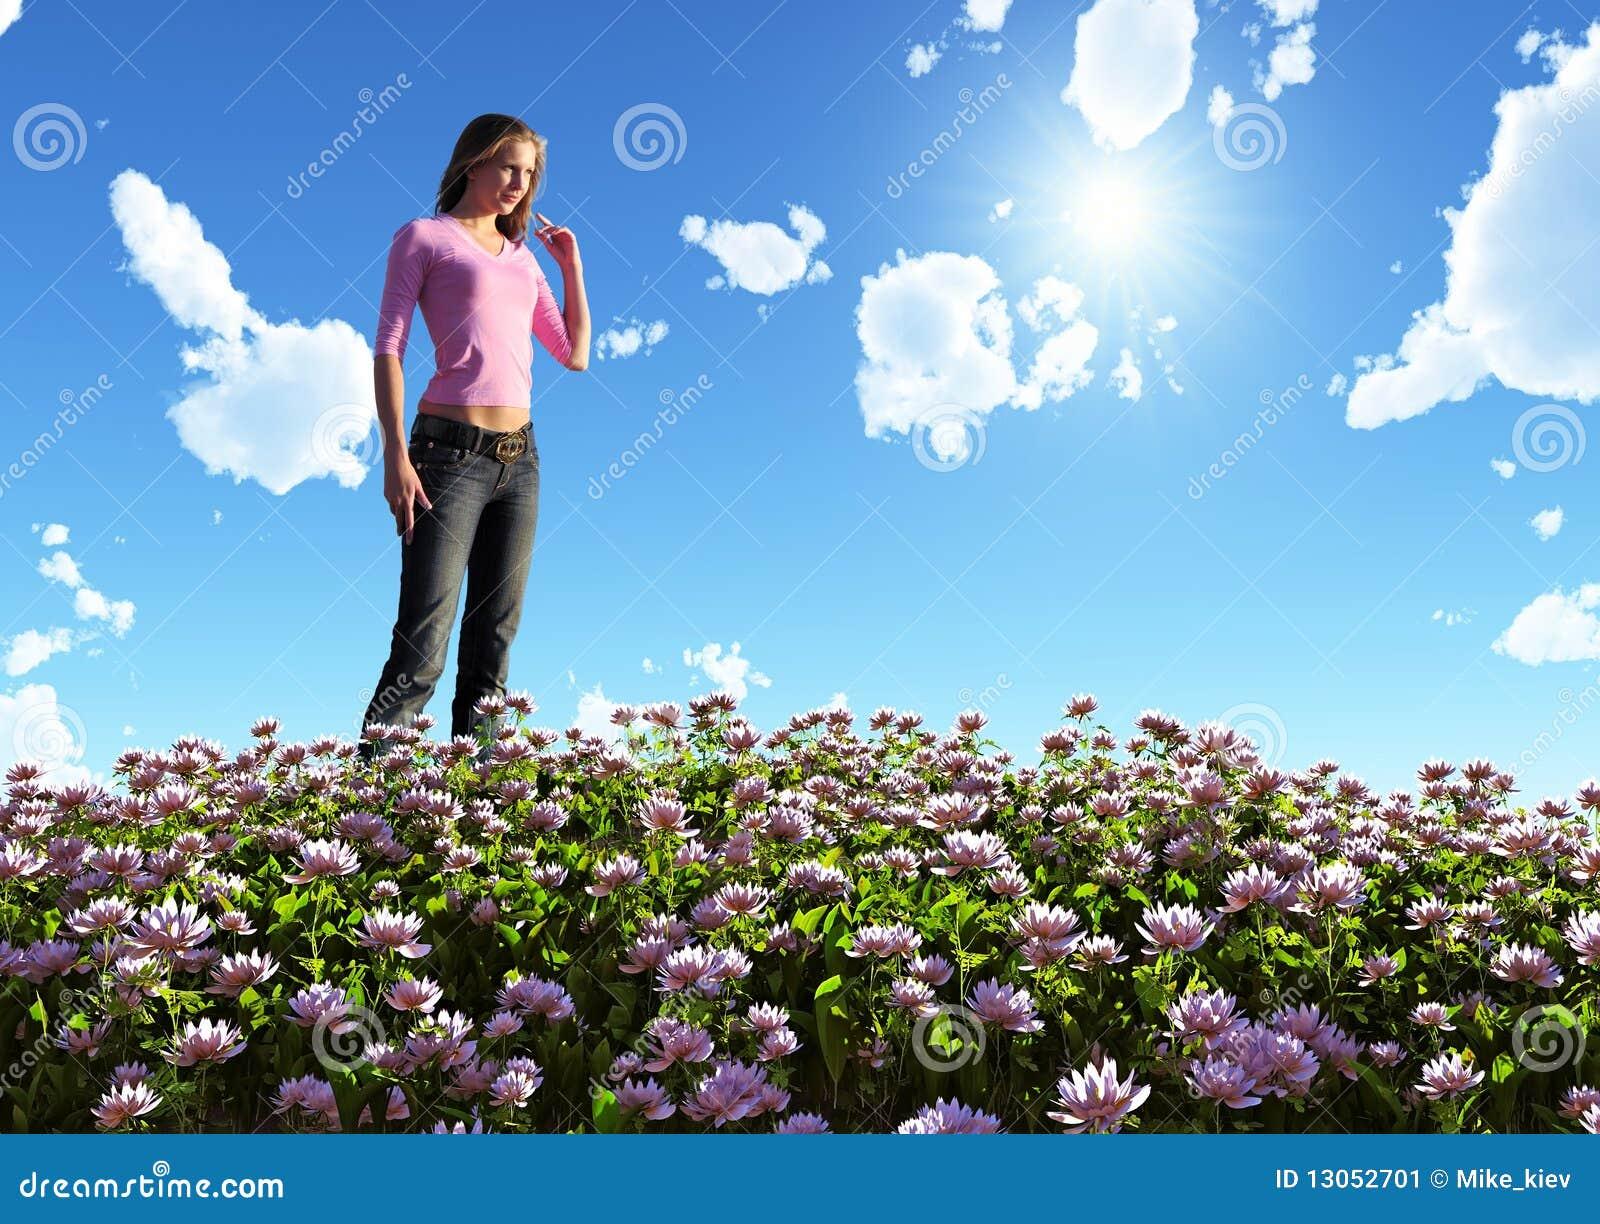 Woman on flowering field